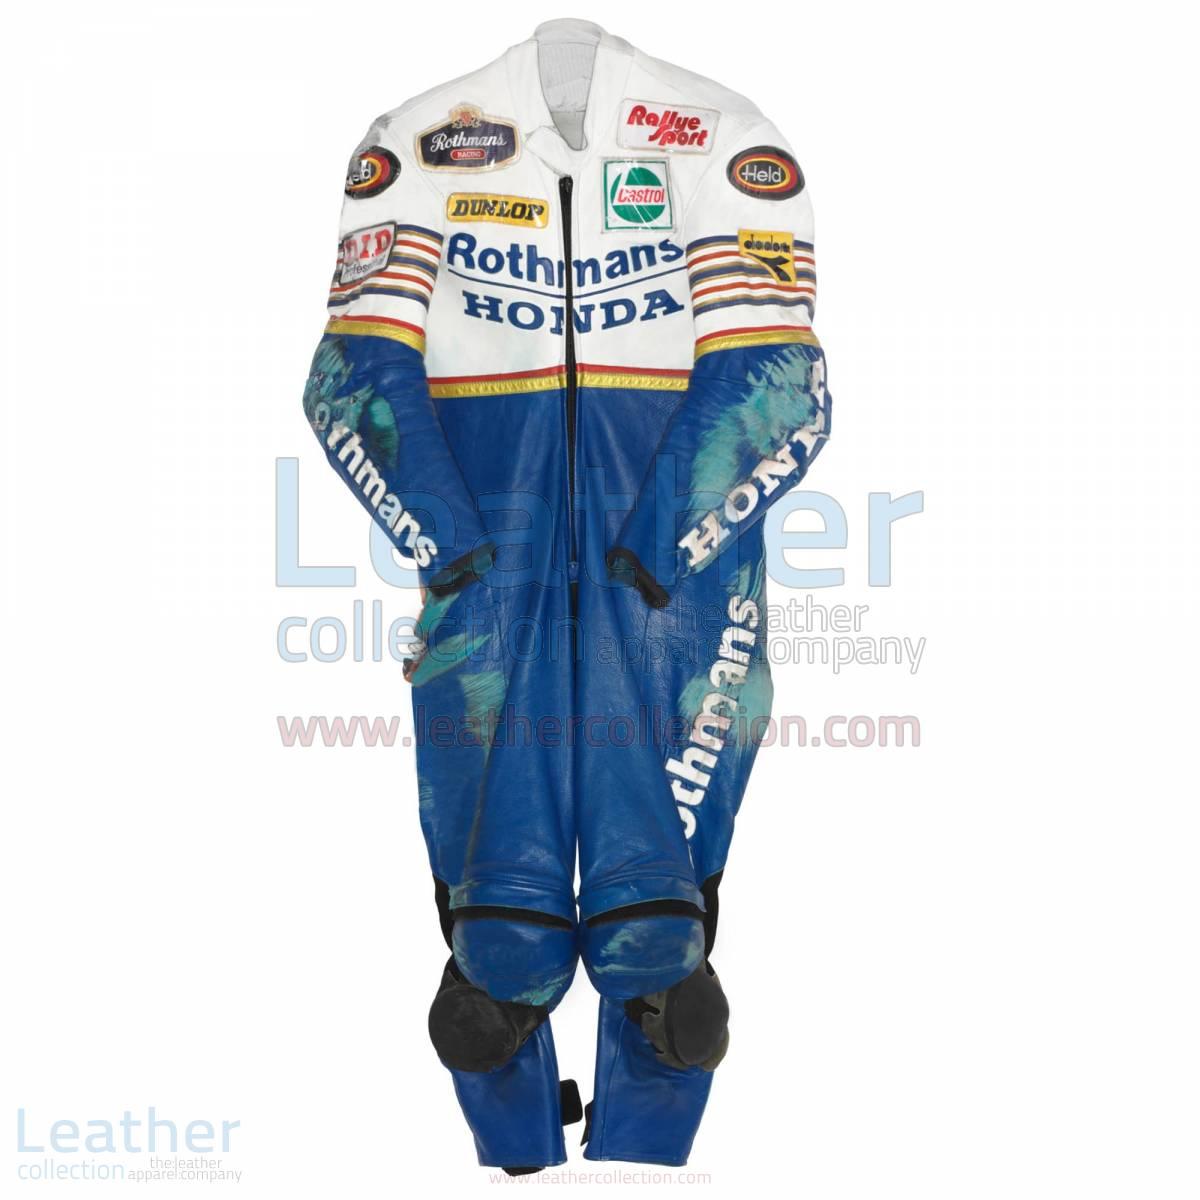 Toni Mang Rothmans Honda GP 1987 Racing Suit